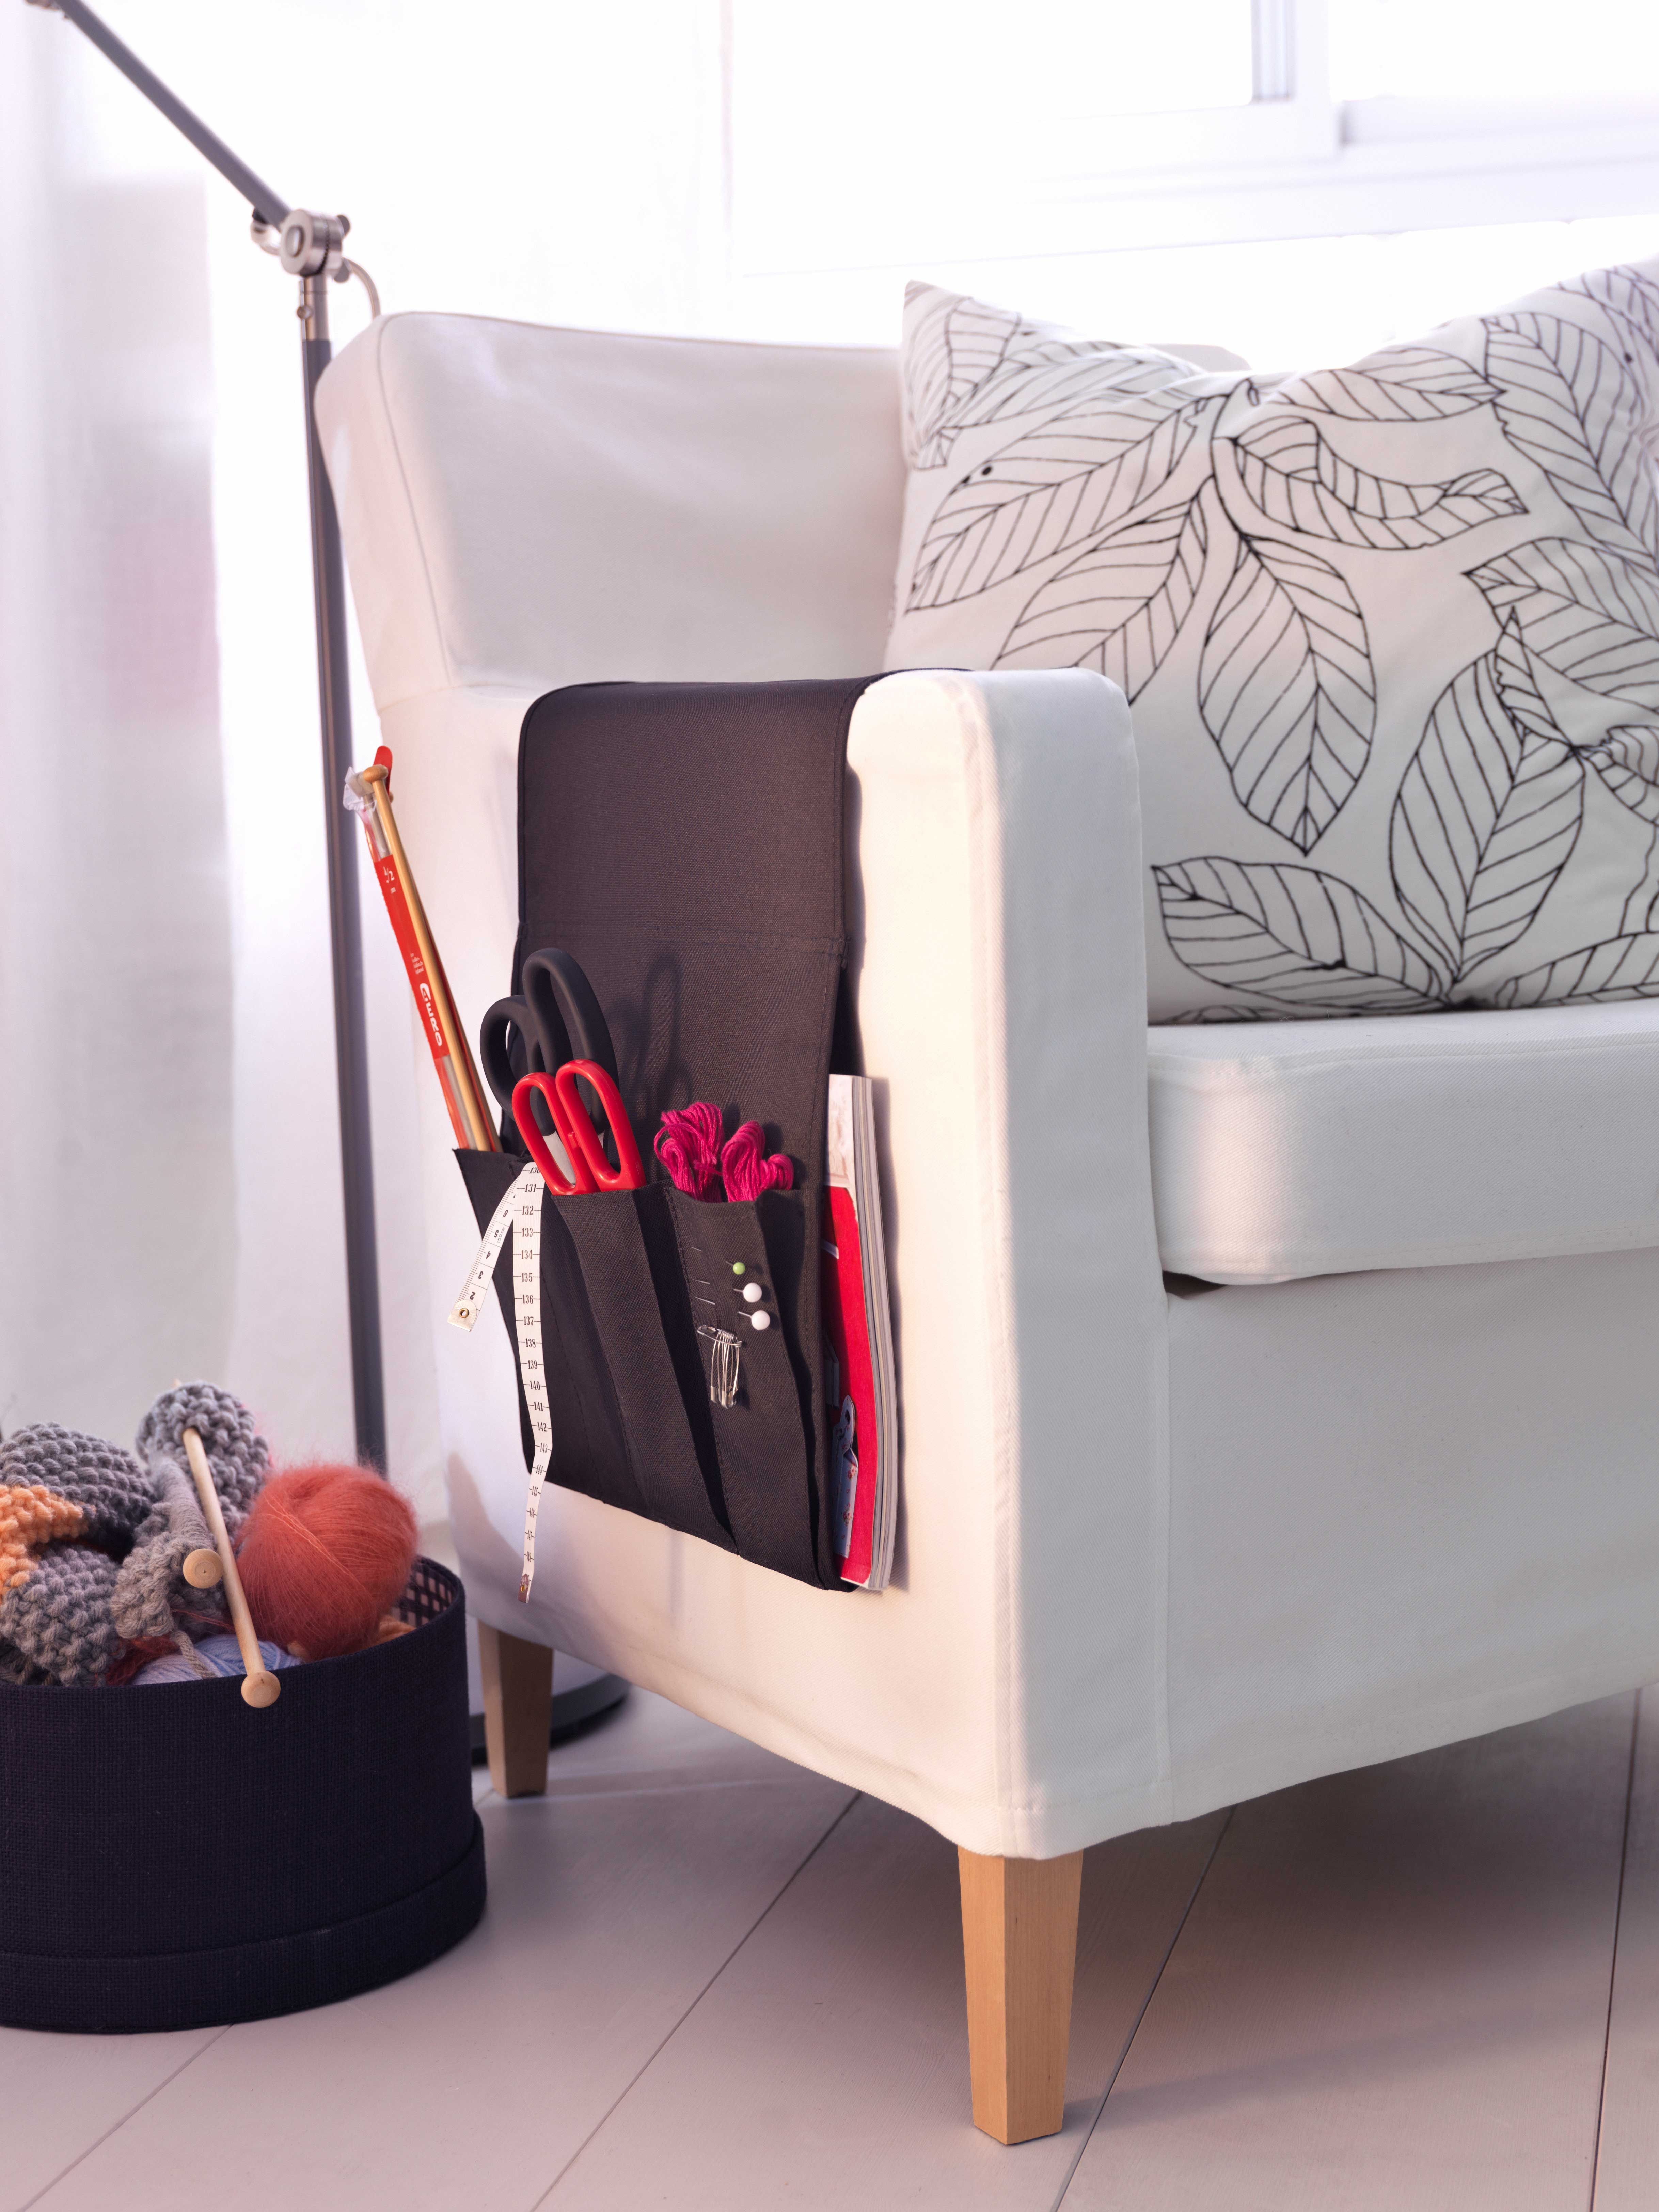 IKEA Sterreich Inspiration Wohnzimmer Tasche Fr Fernbedienung FLRT Kissen BLAD Sessel